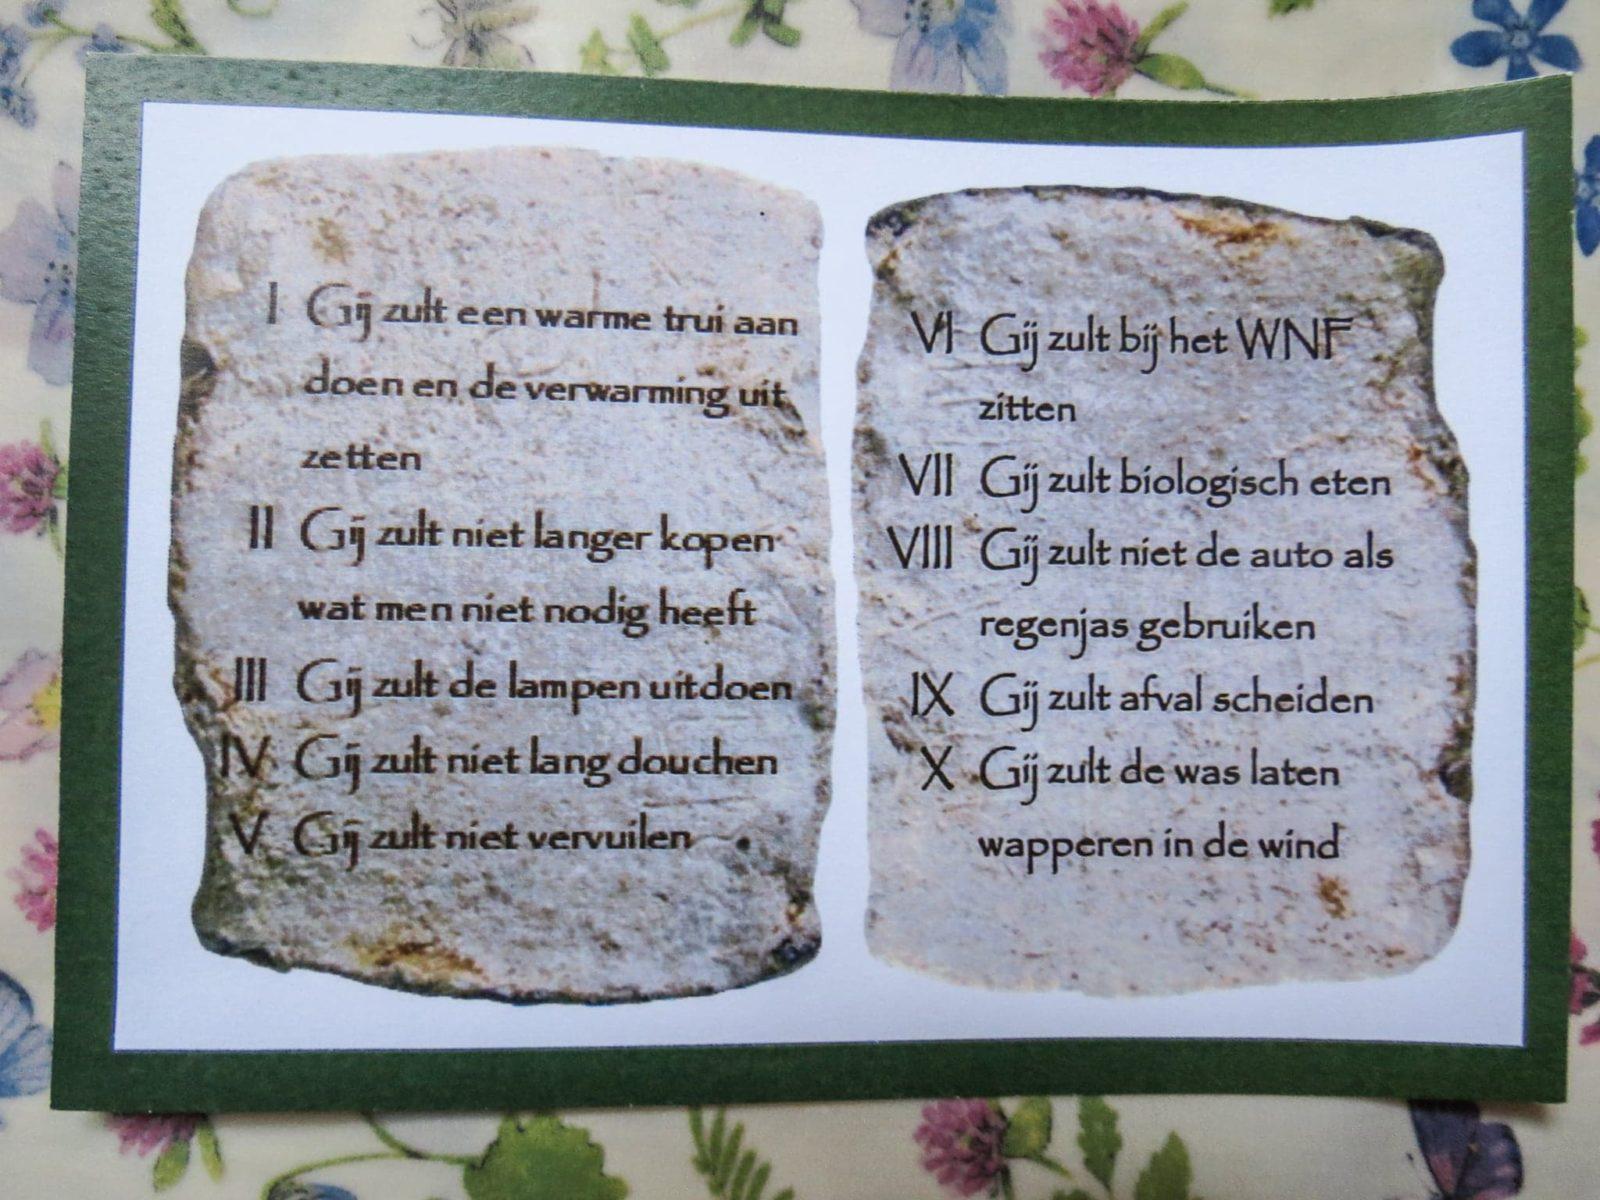 De-10-geboden-voor-duurzaamheid_opgesteld-door-kinderen-van-de-Arboretumkerk-in-Wageningen